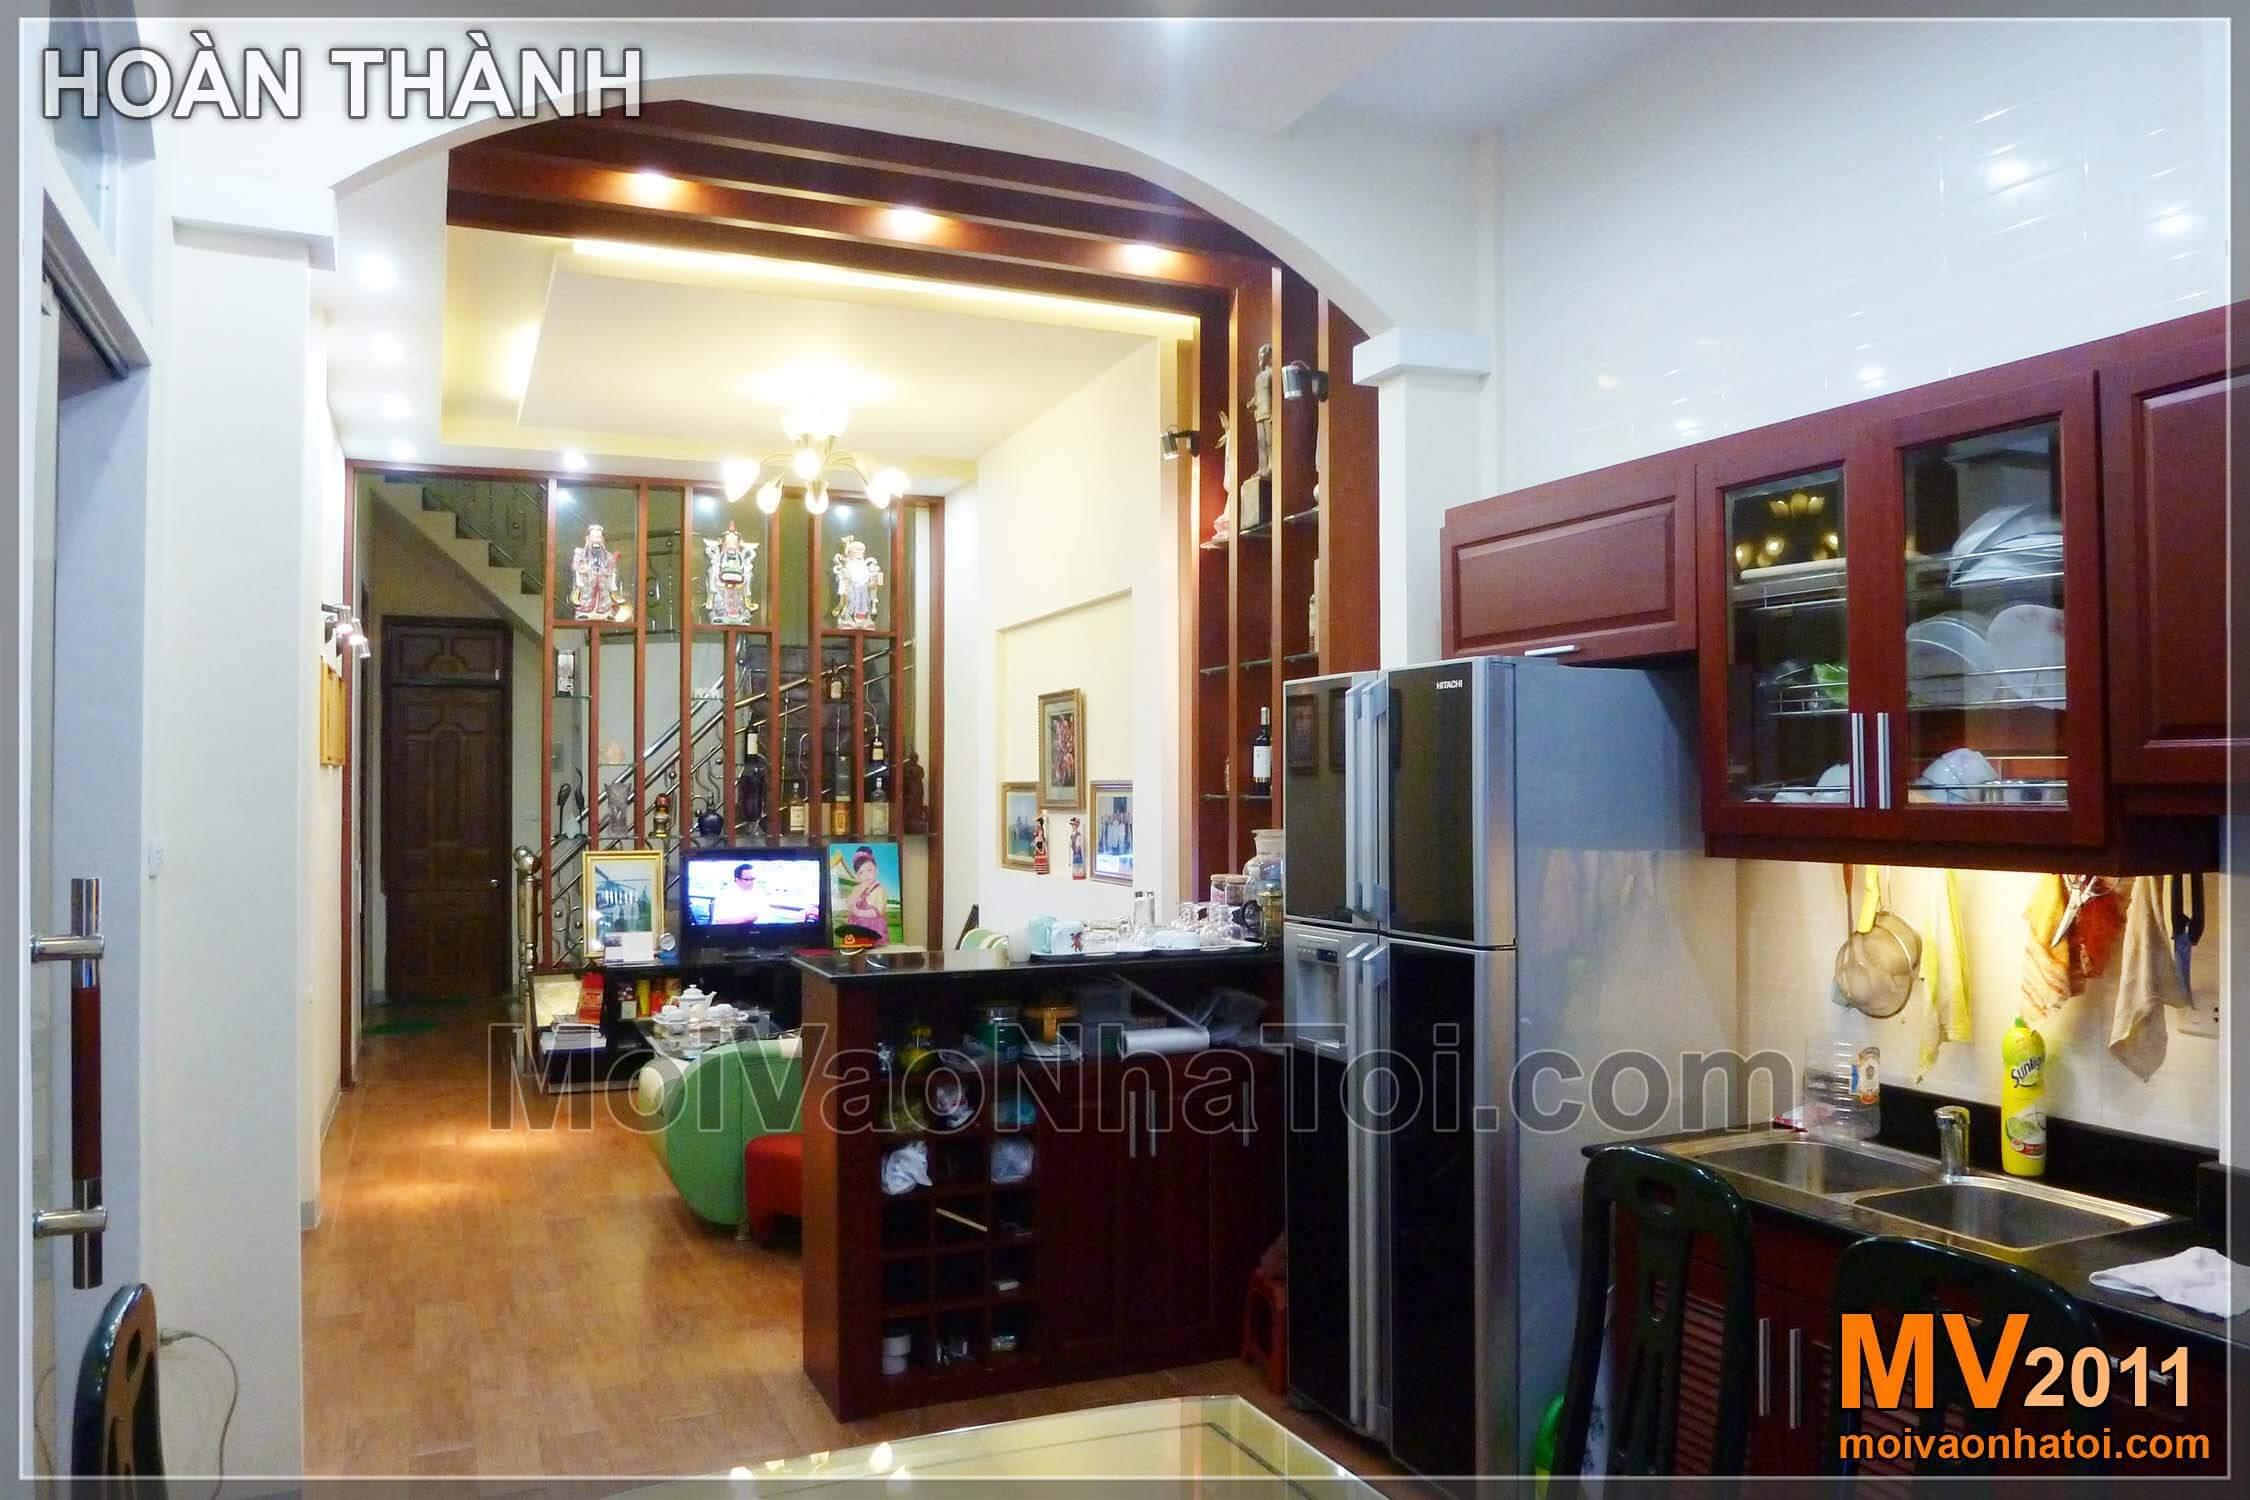 Hoàn thành, nội thất phòng khách liền bếp đẹp